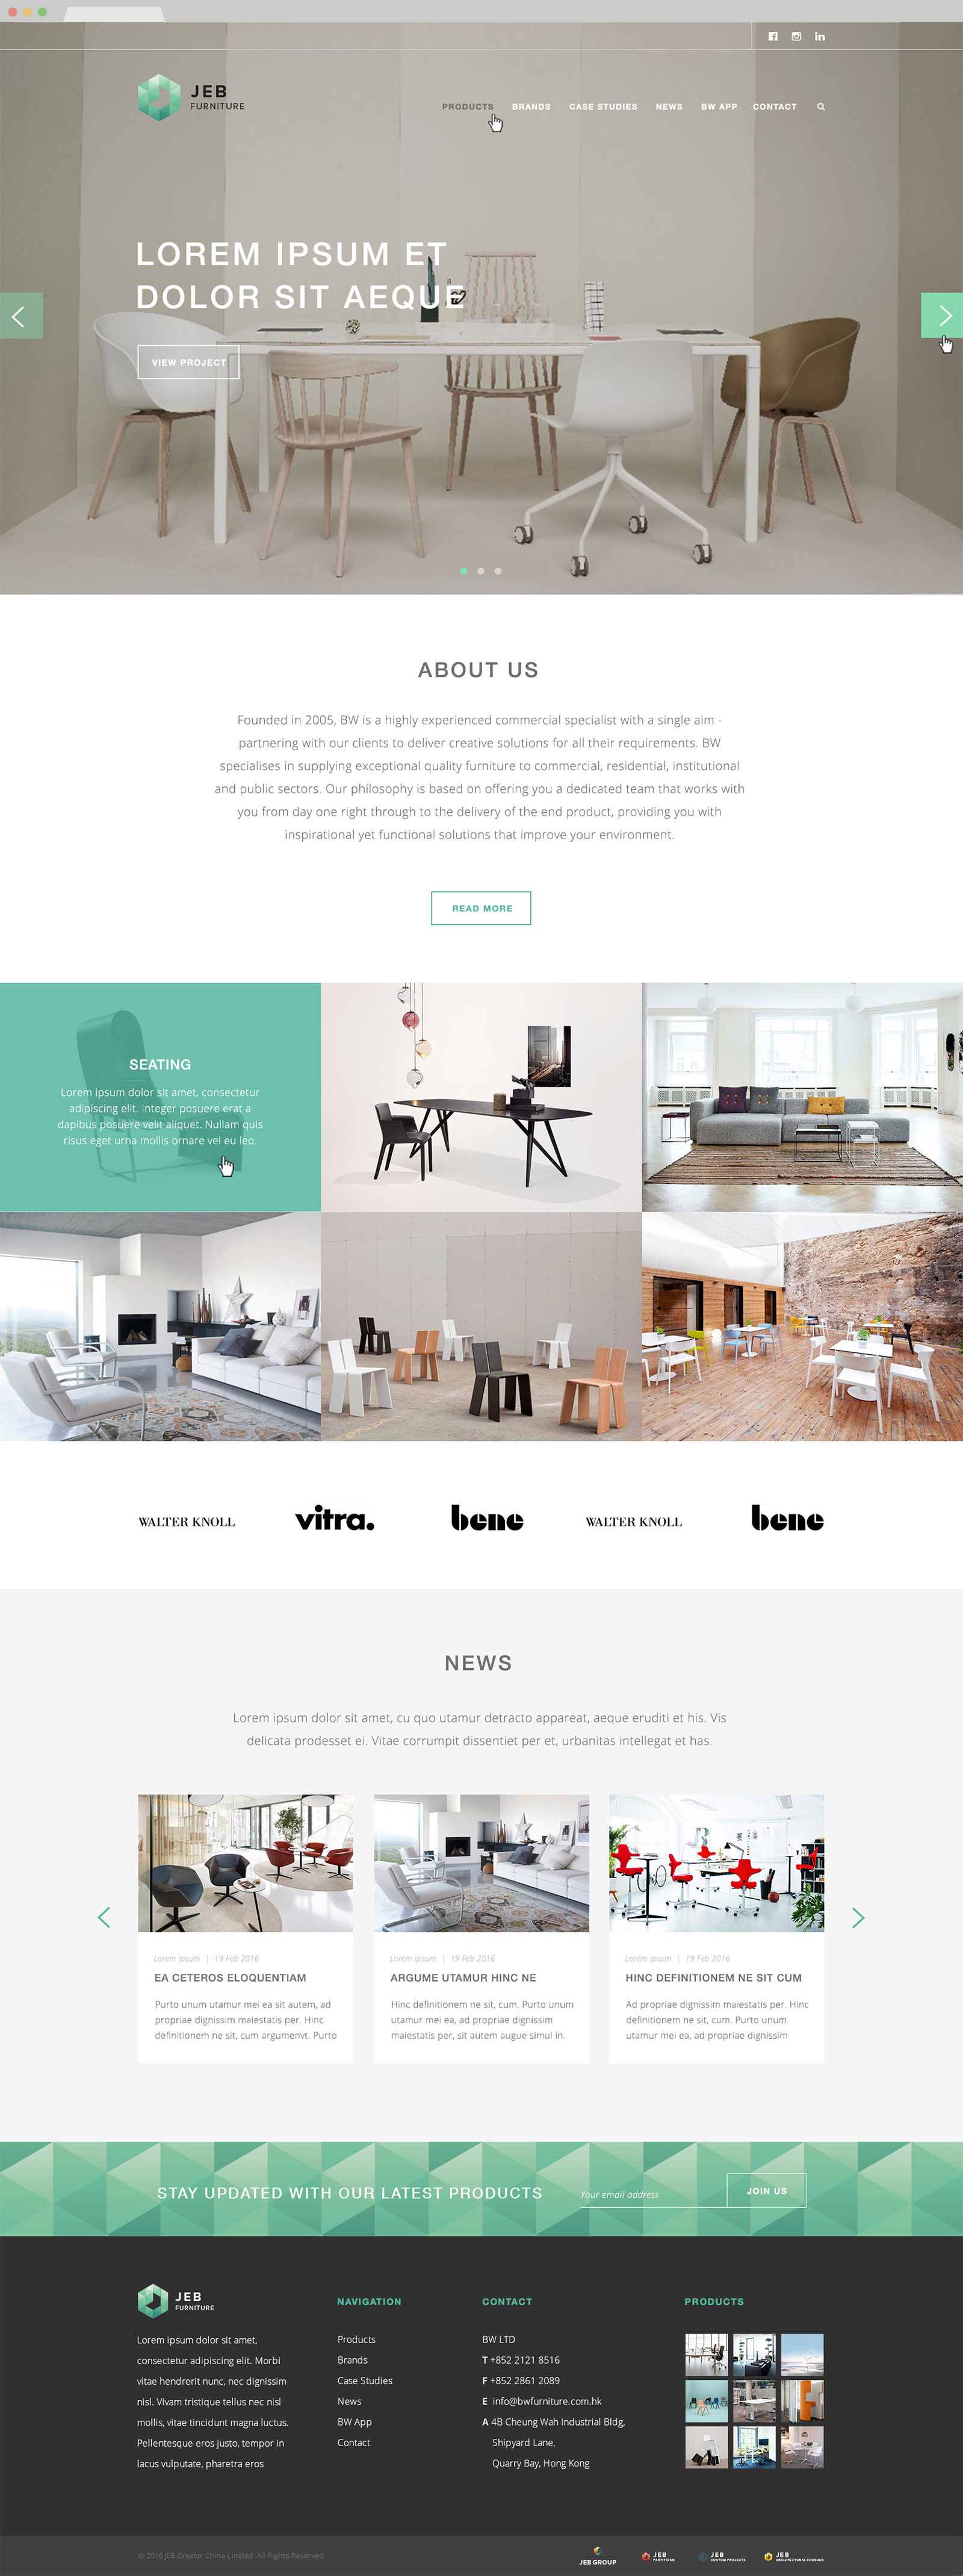 web design hk jeb 00